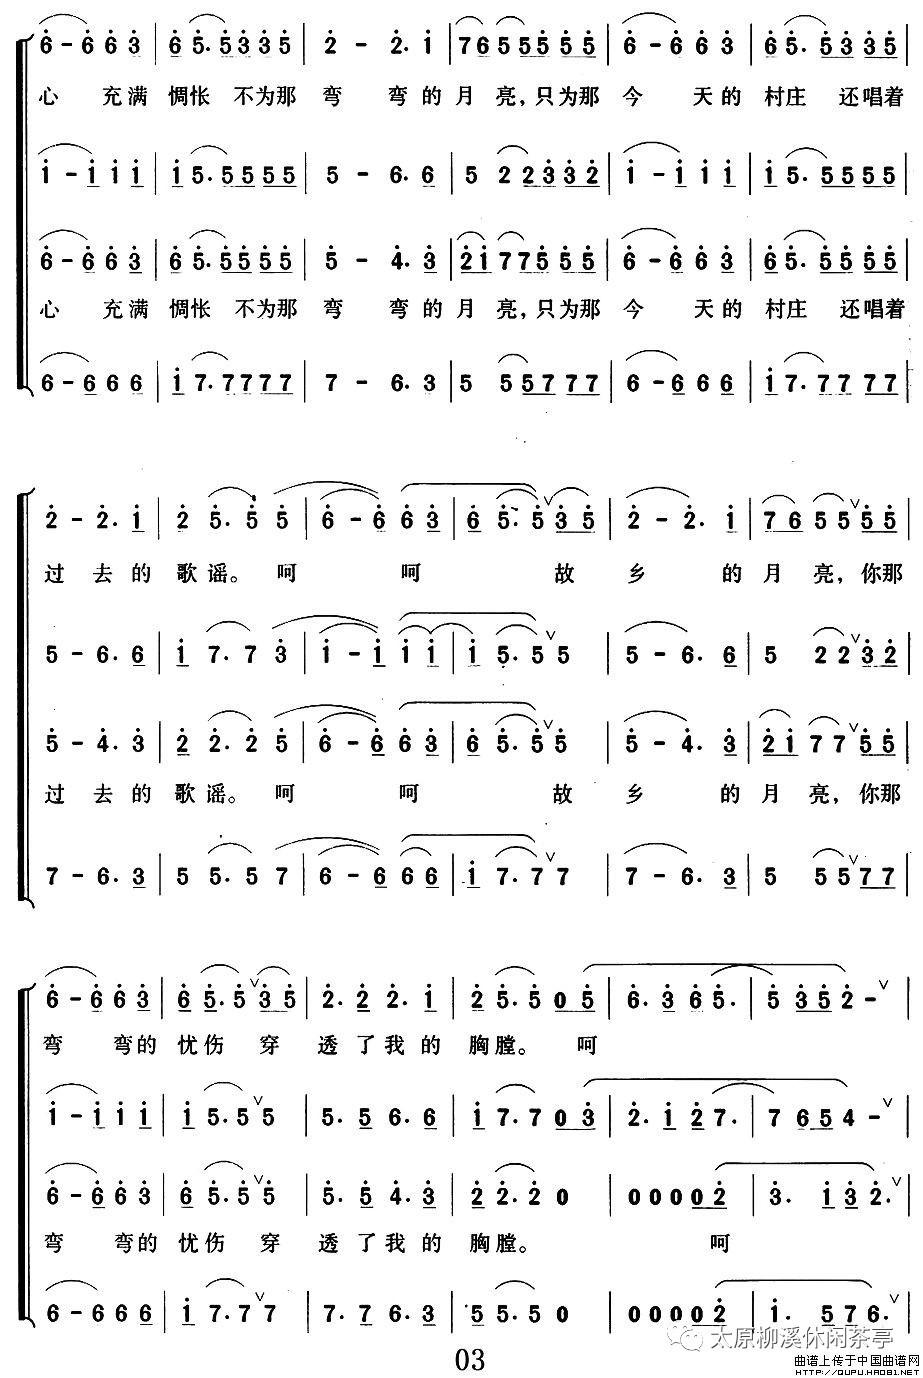 【音乐赏析】歌曲《弯弯的月亮》